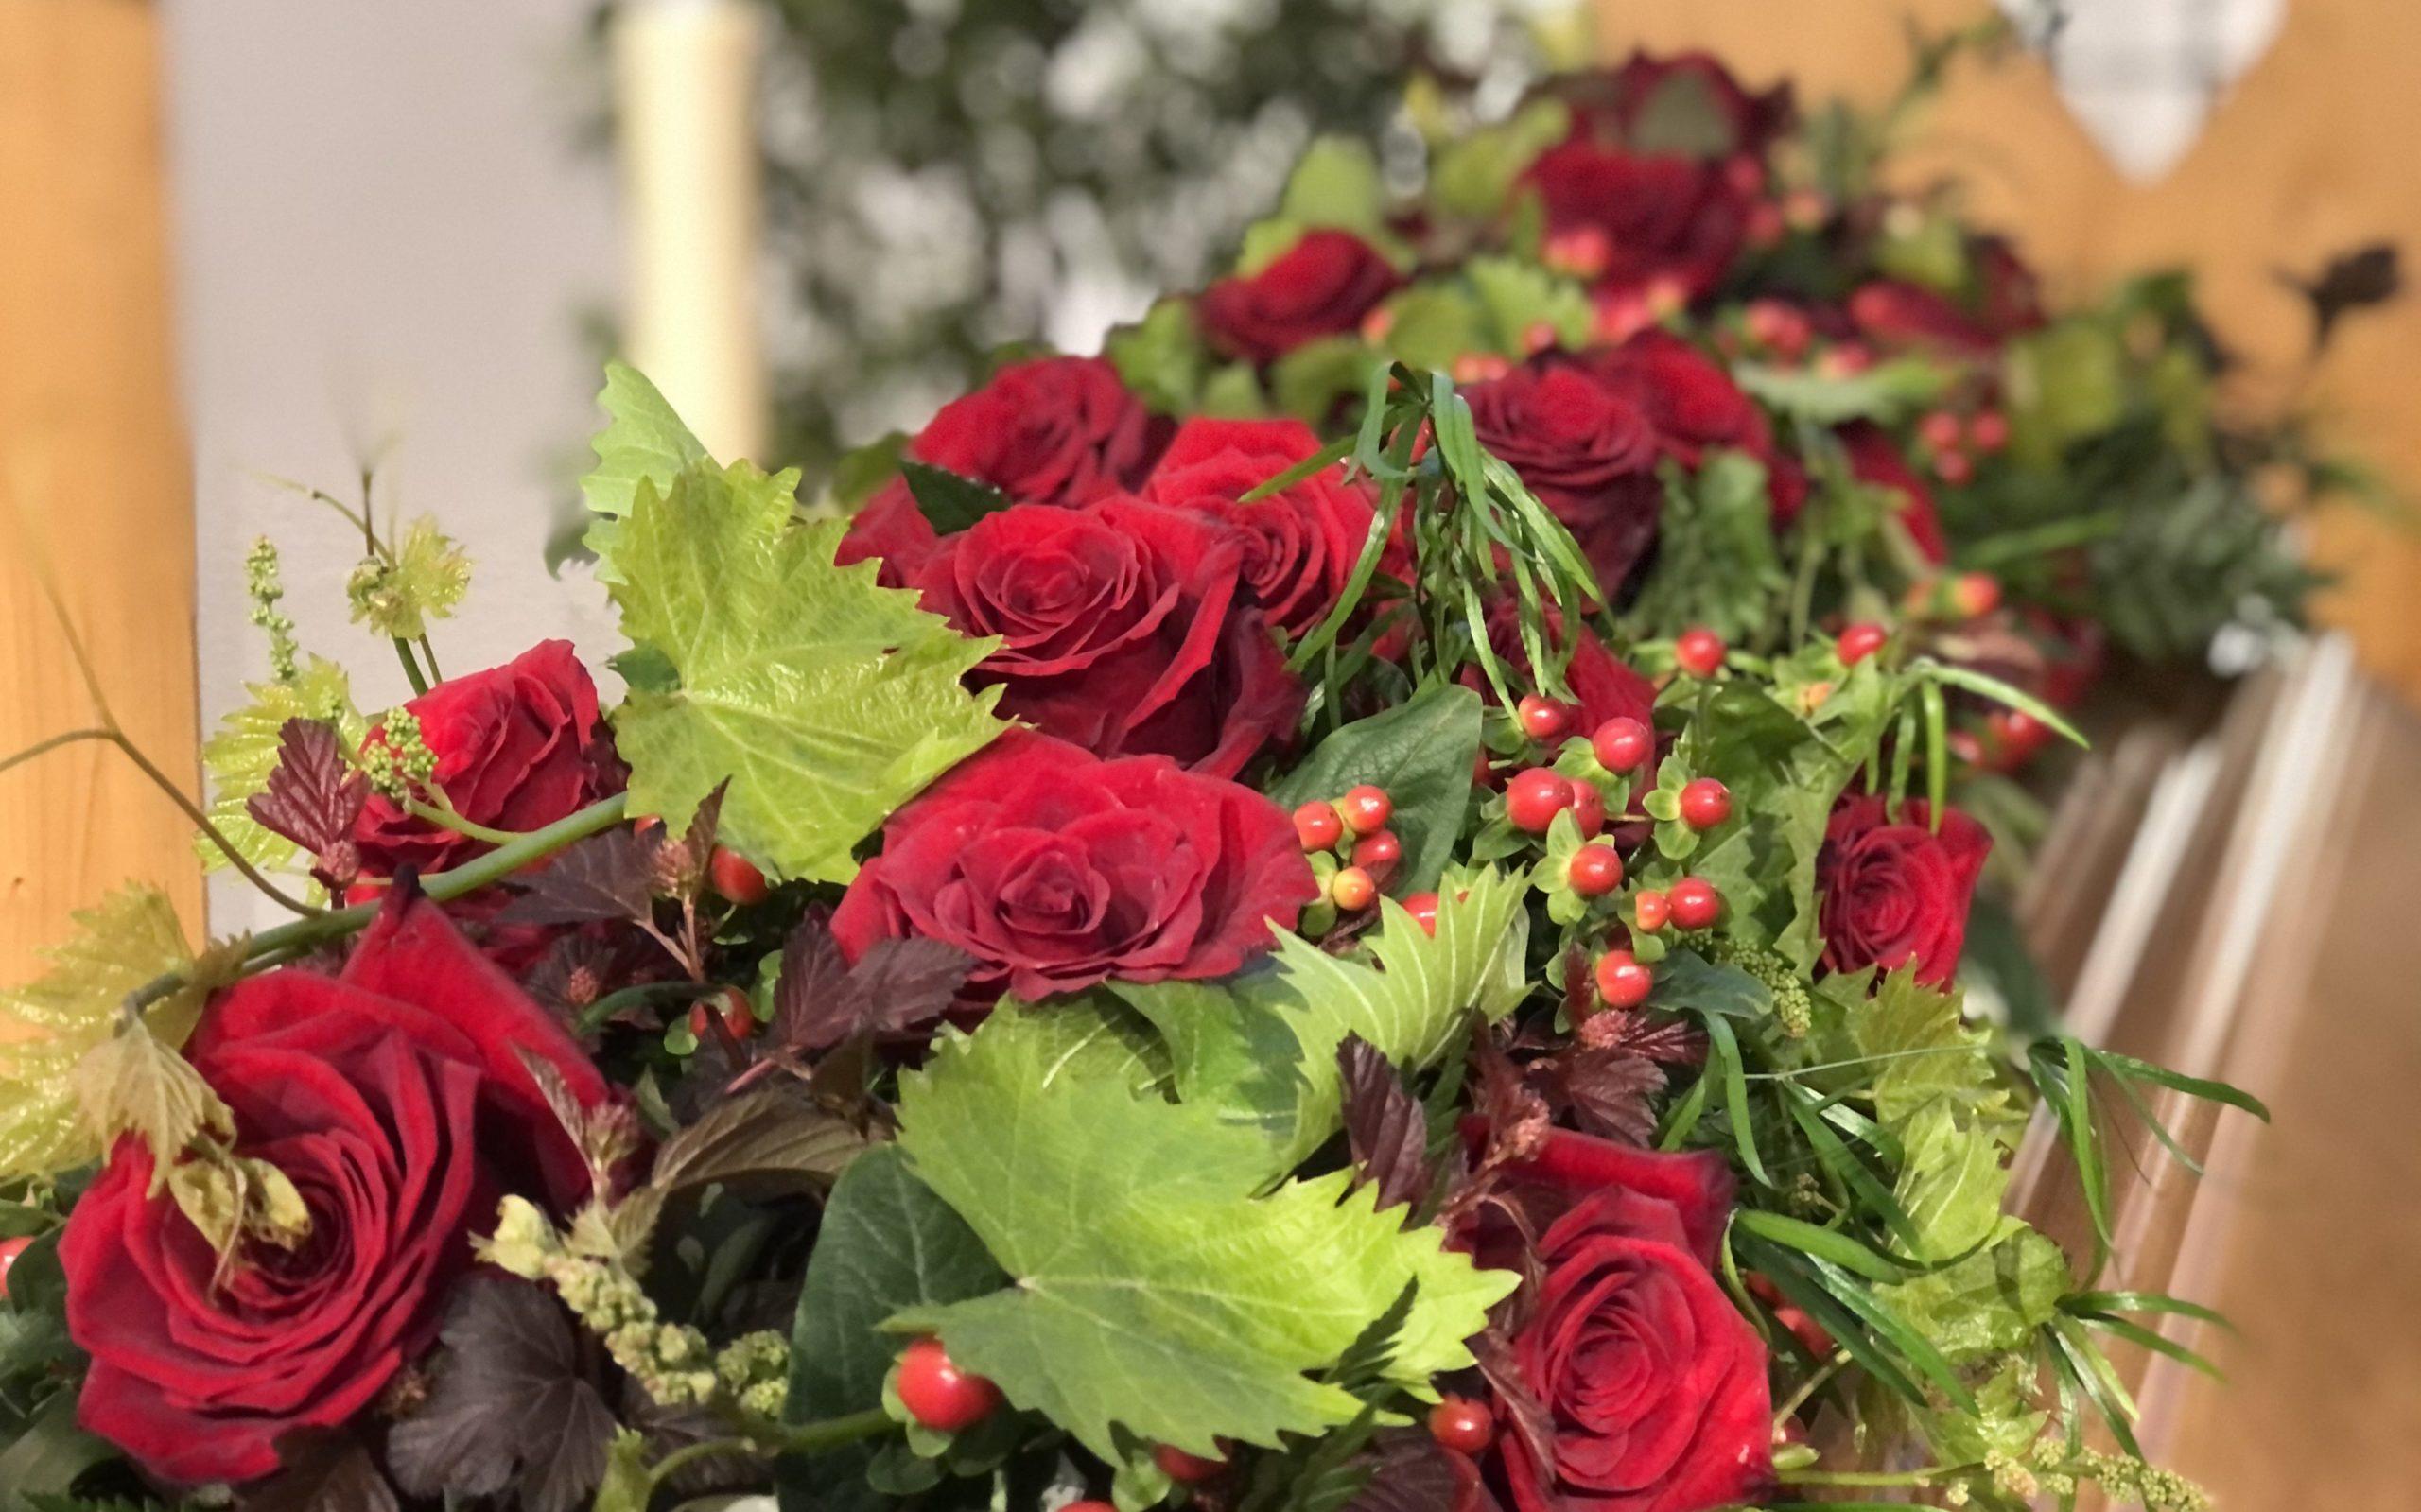 Blumen und ihre Symbolik - Rosen